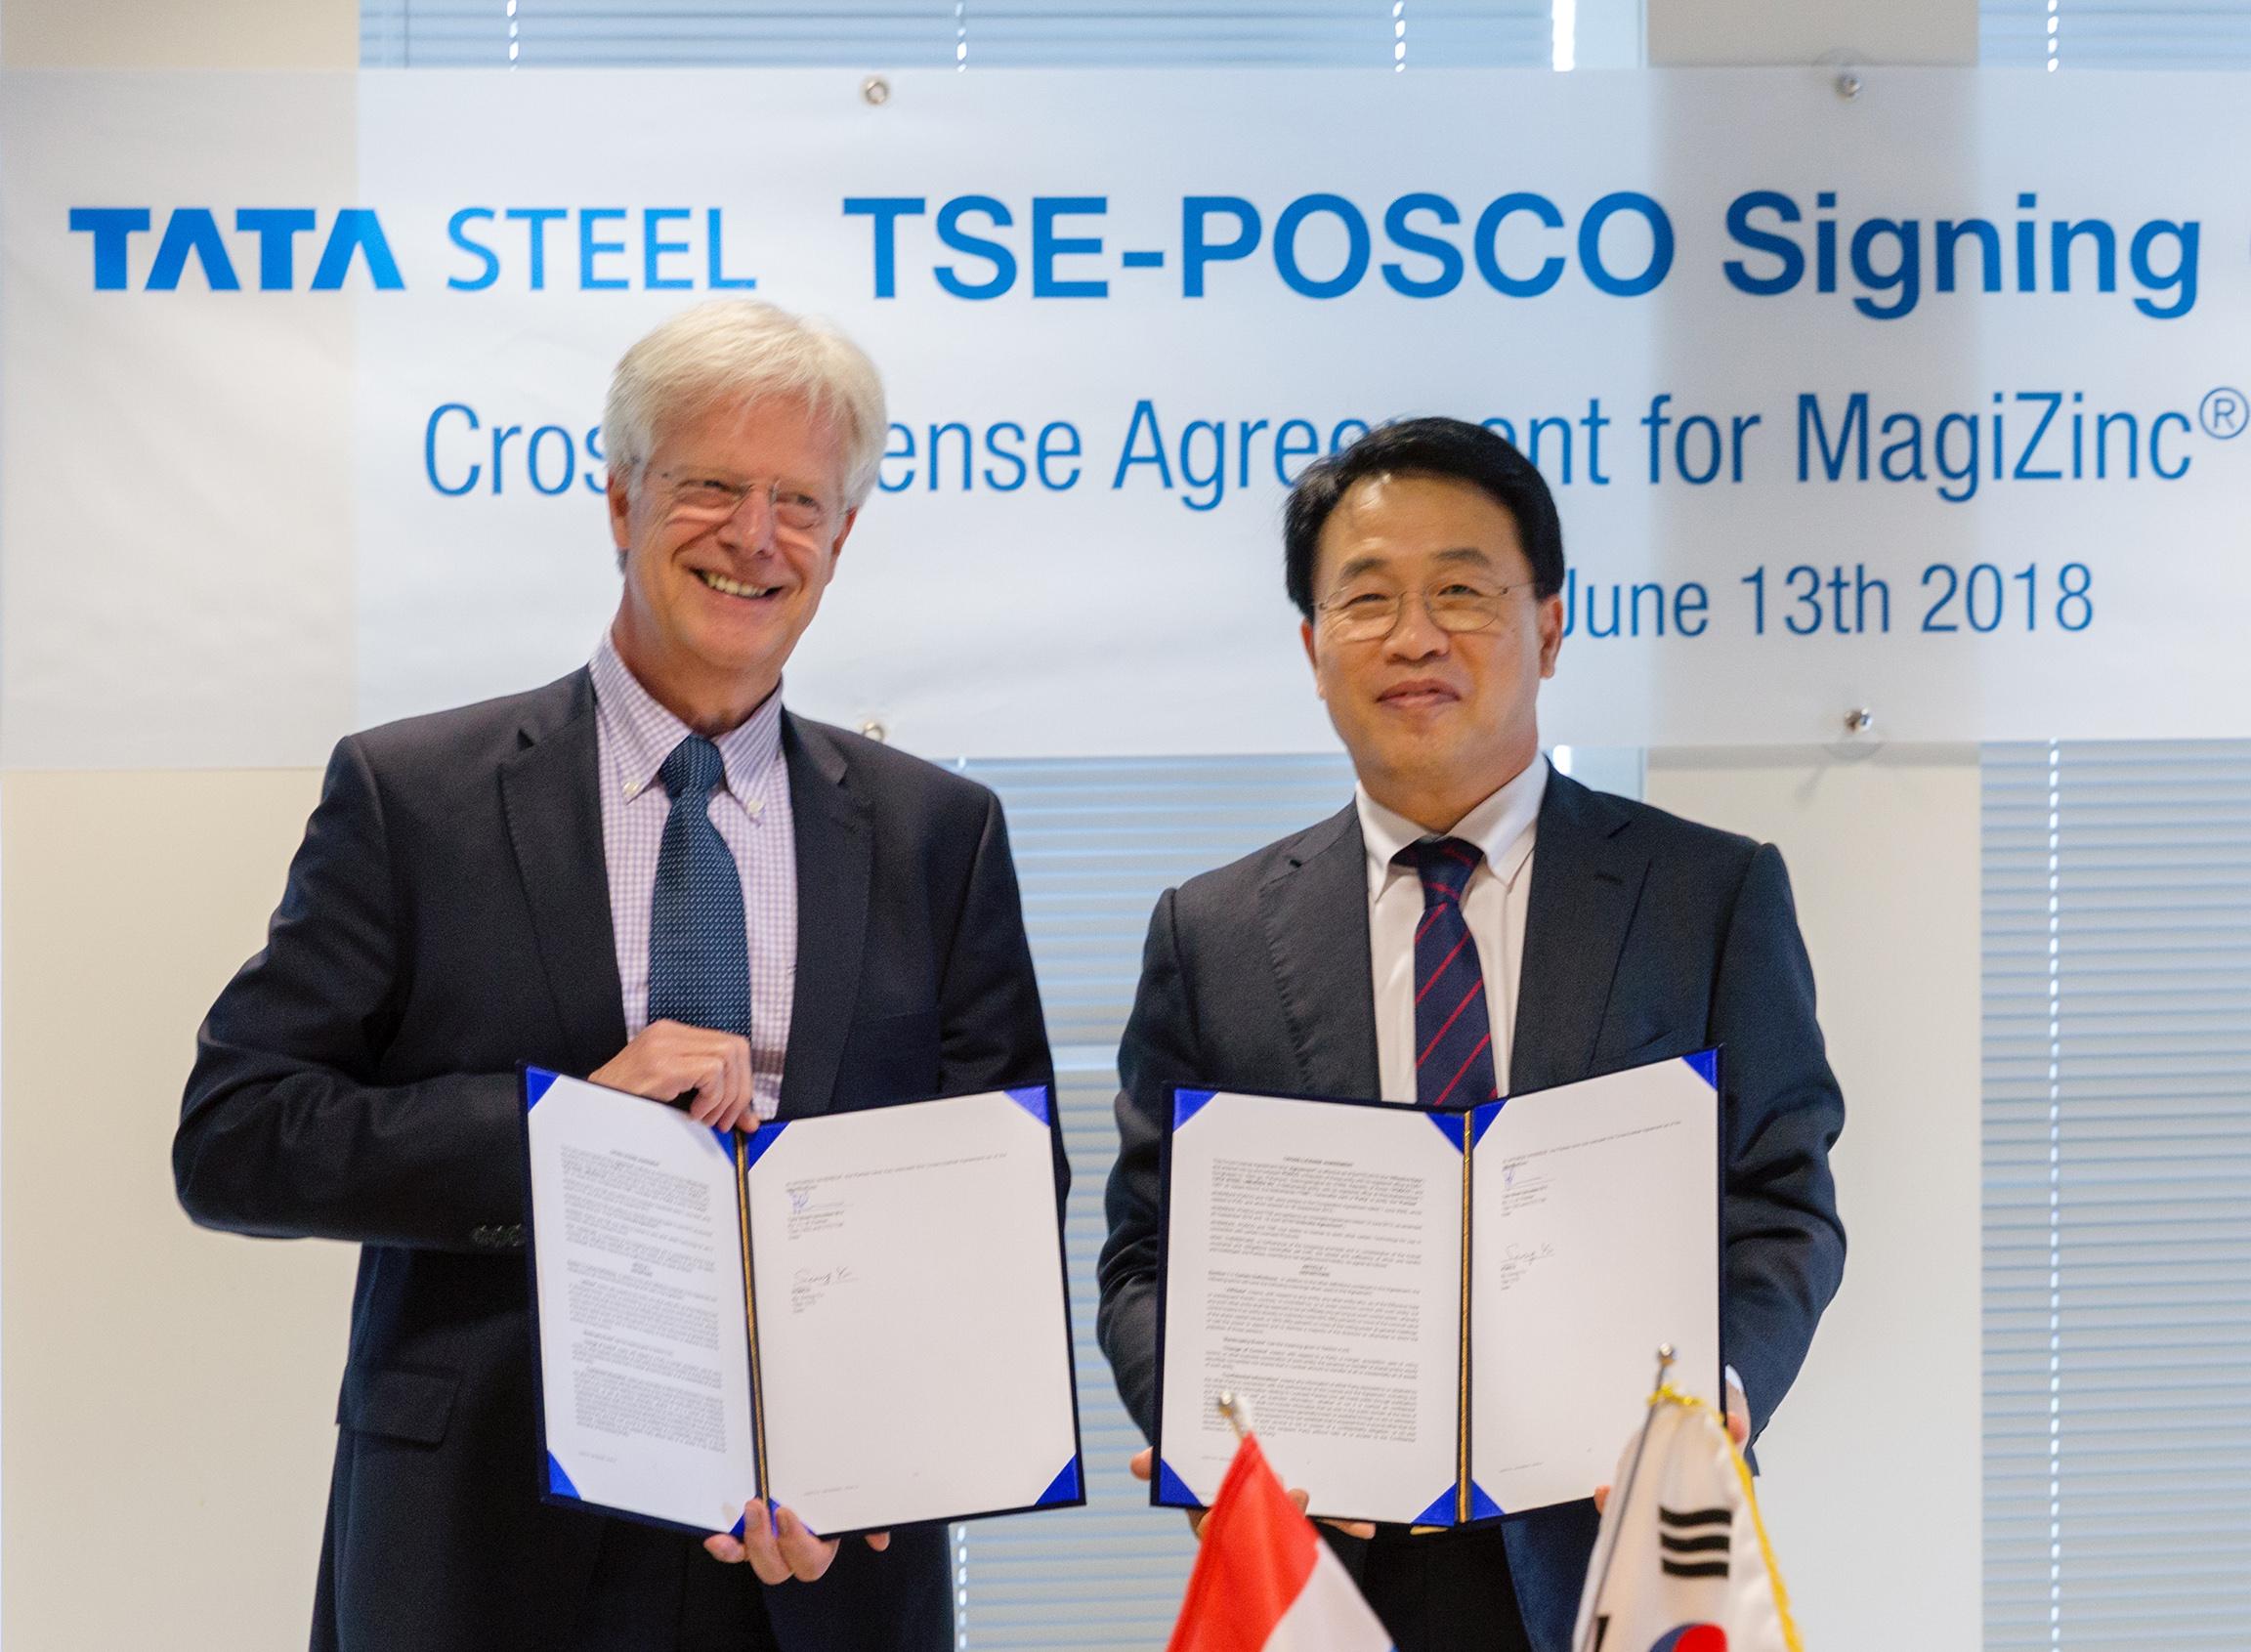 포스코 유성 기술투자본부장(오른쪽)과 TSE 한스피셔 회장이 기술교환 협약서에 서명하고 기념촬영을 하는 모습